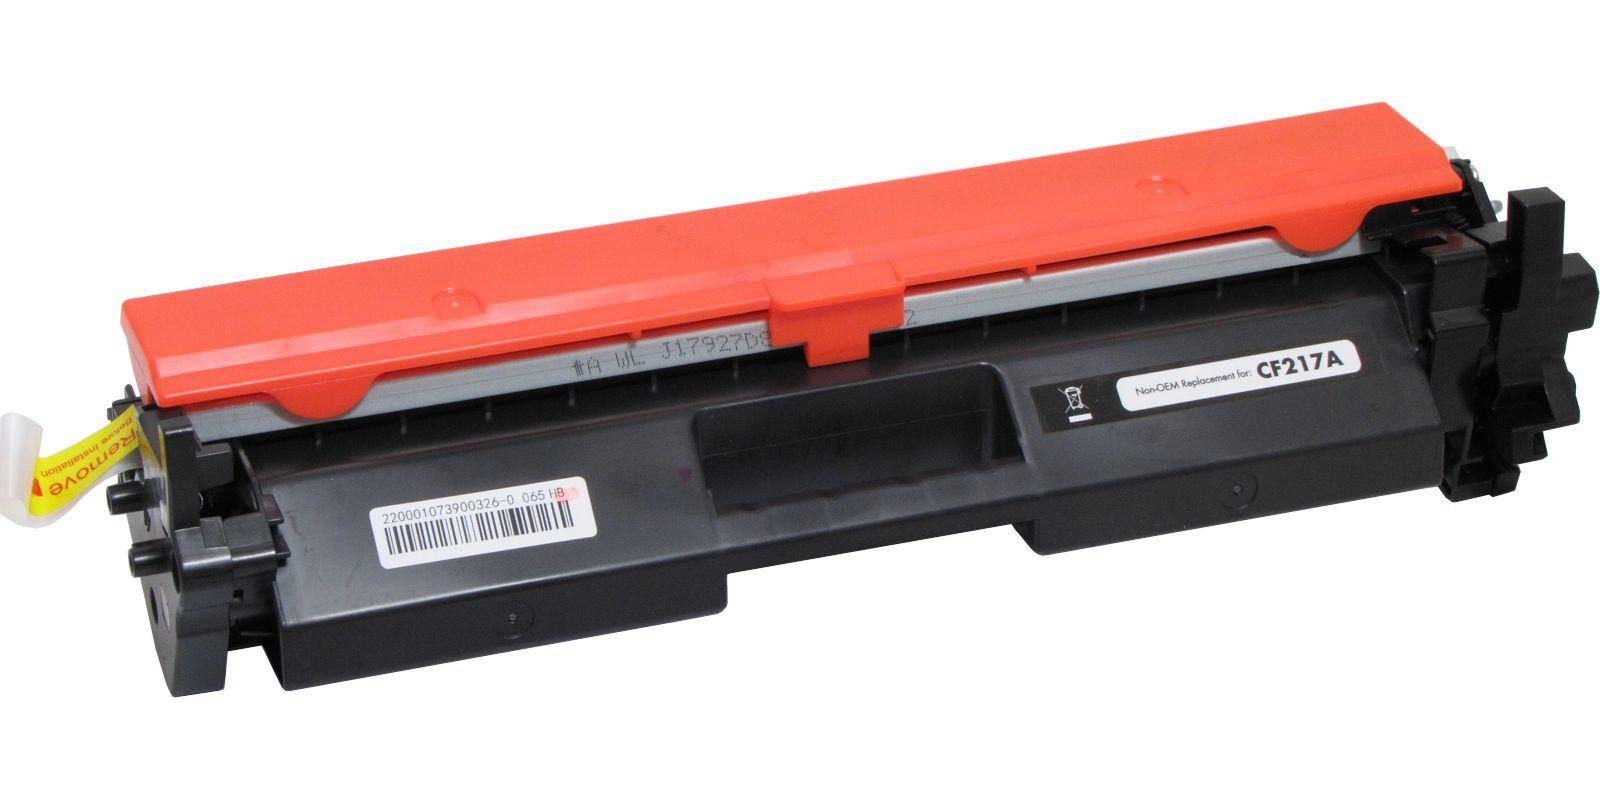 Картридж лазерный Static Control© Premium 17A CF217A+CHIP (002-01-SF217A) С ЧИПОМ HM102CP-10, черный, до 1600 стр.